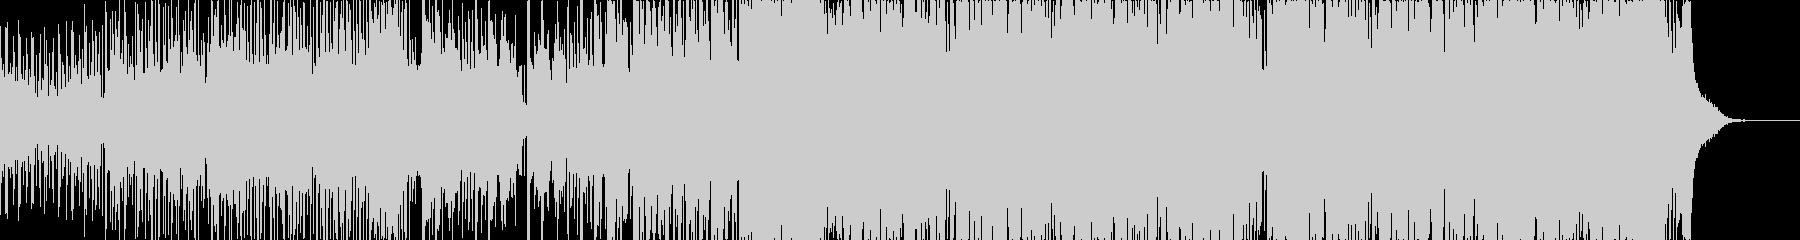 明るめなEDM(声ネタ無し)の未再生の波形